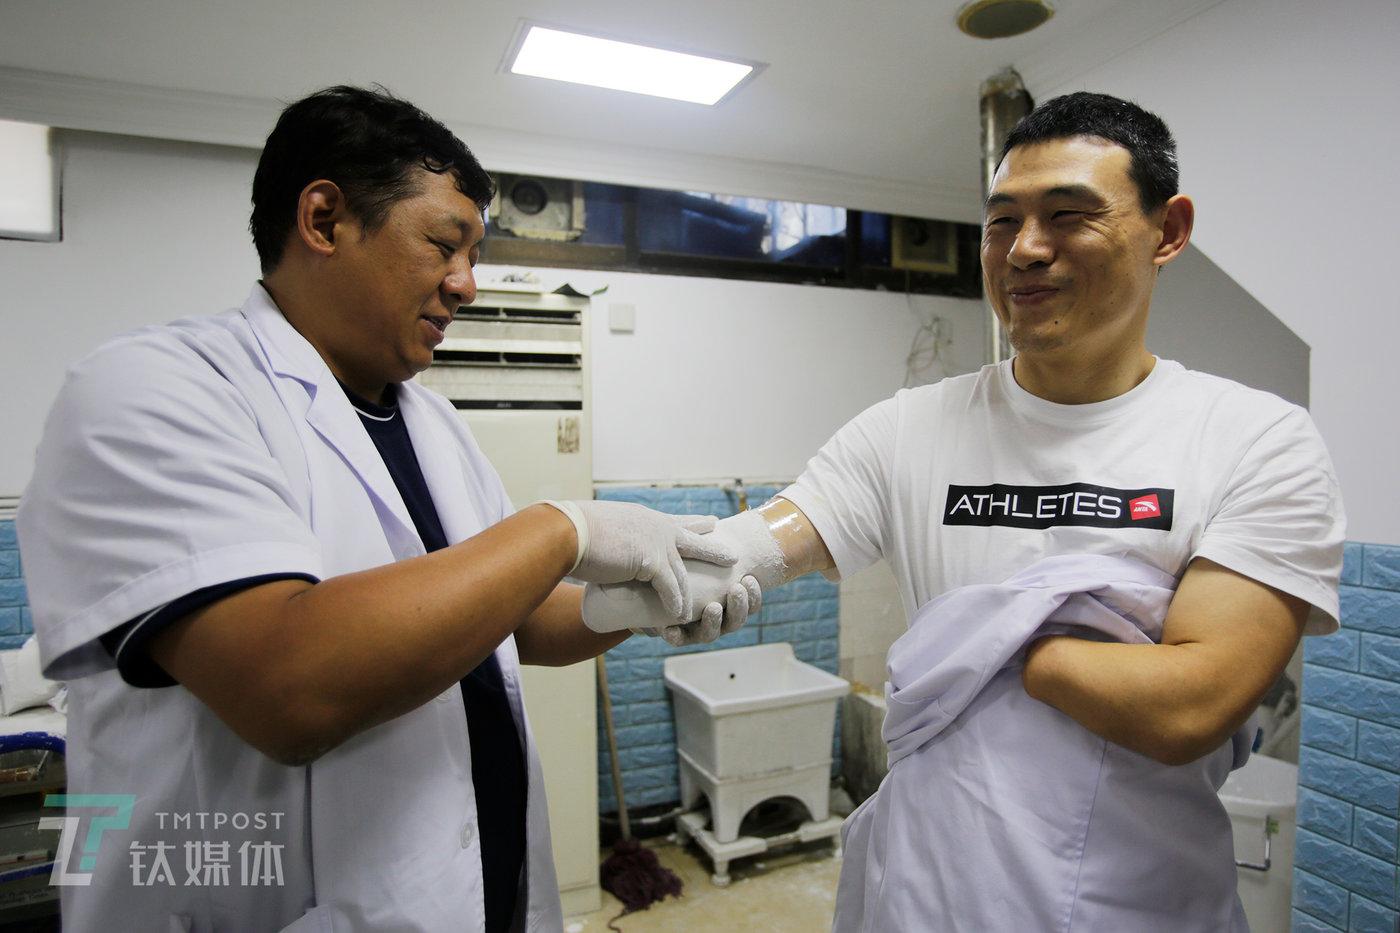 上海精博假肢临床中心主任沈杰伟在为倪敏成打石膏棉,以获取残肢的石膏模型来制作接受腔。